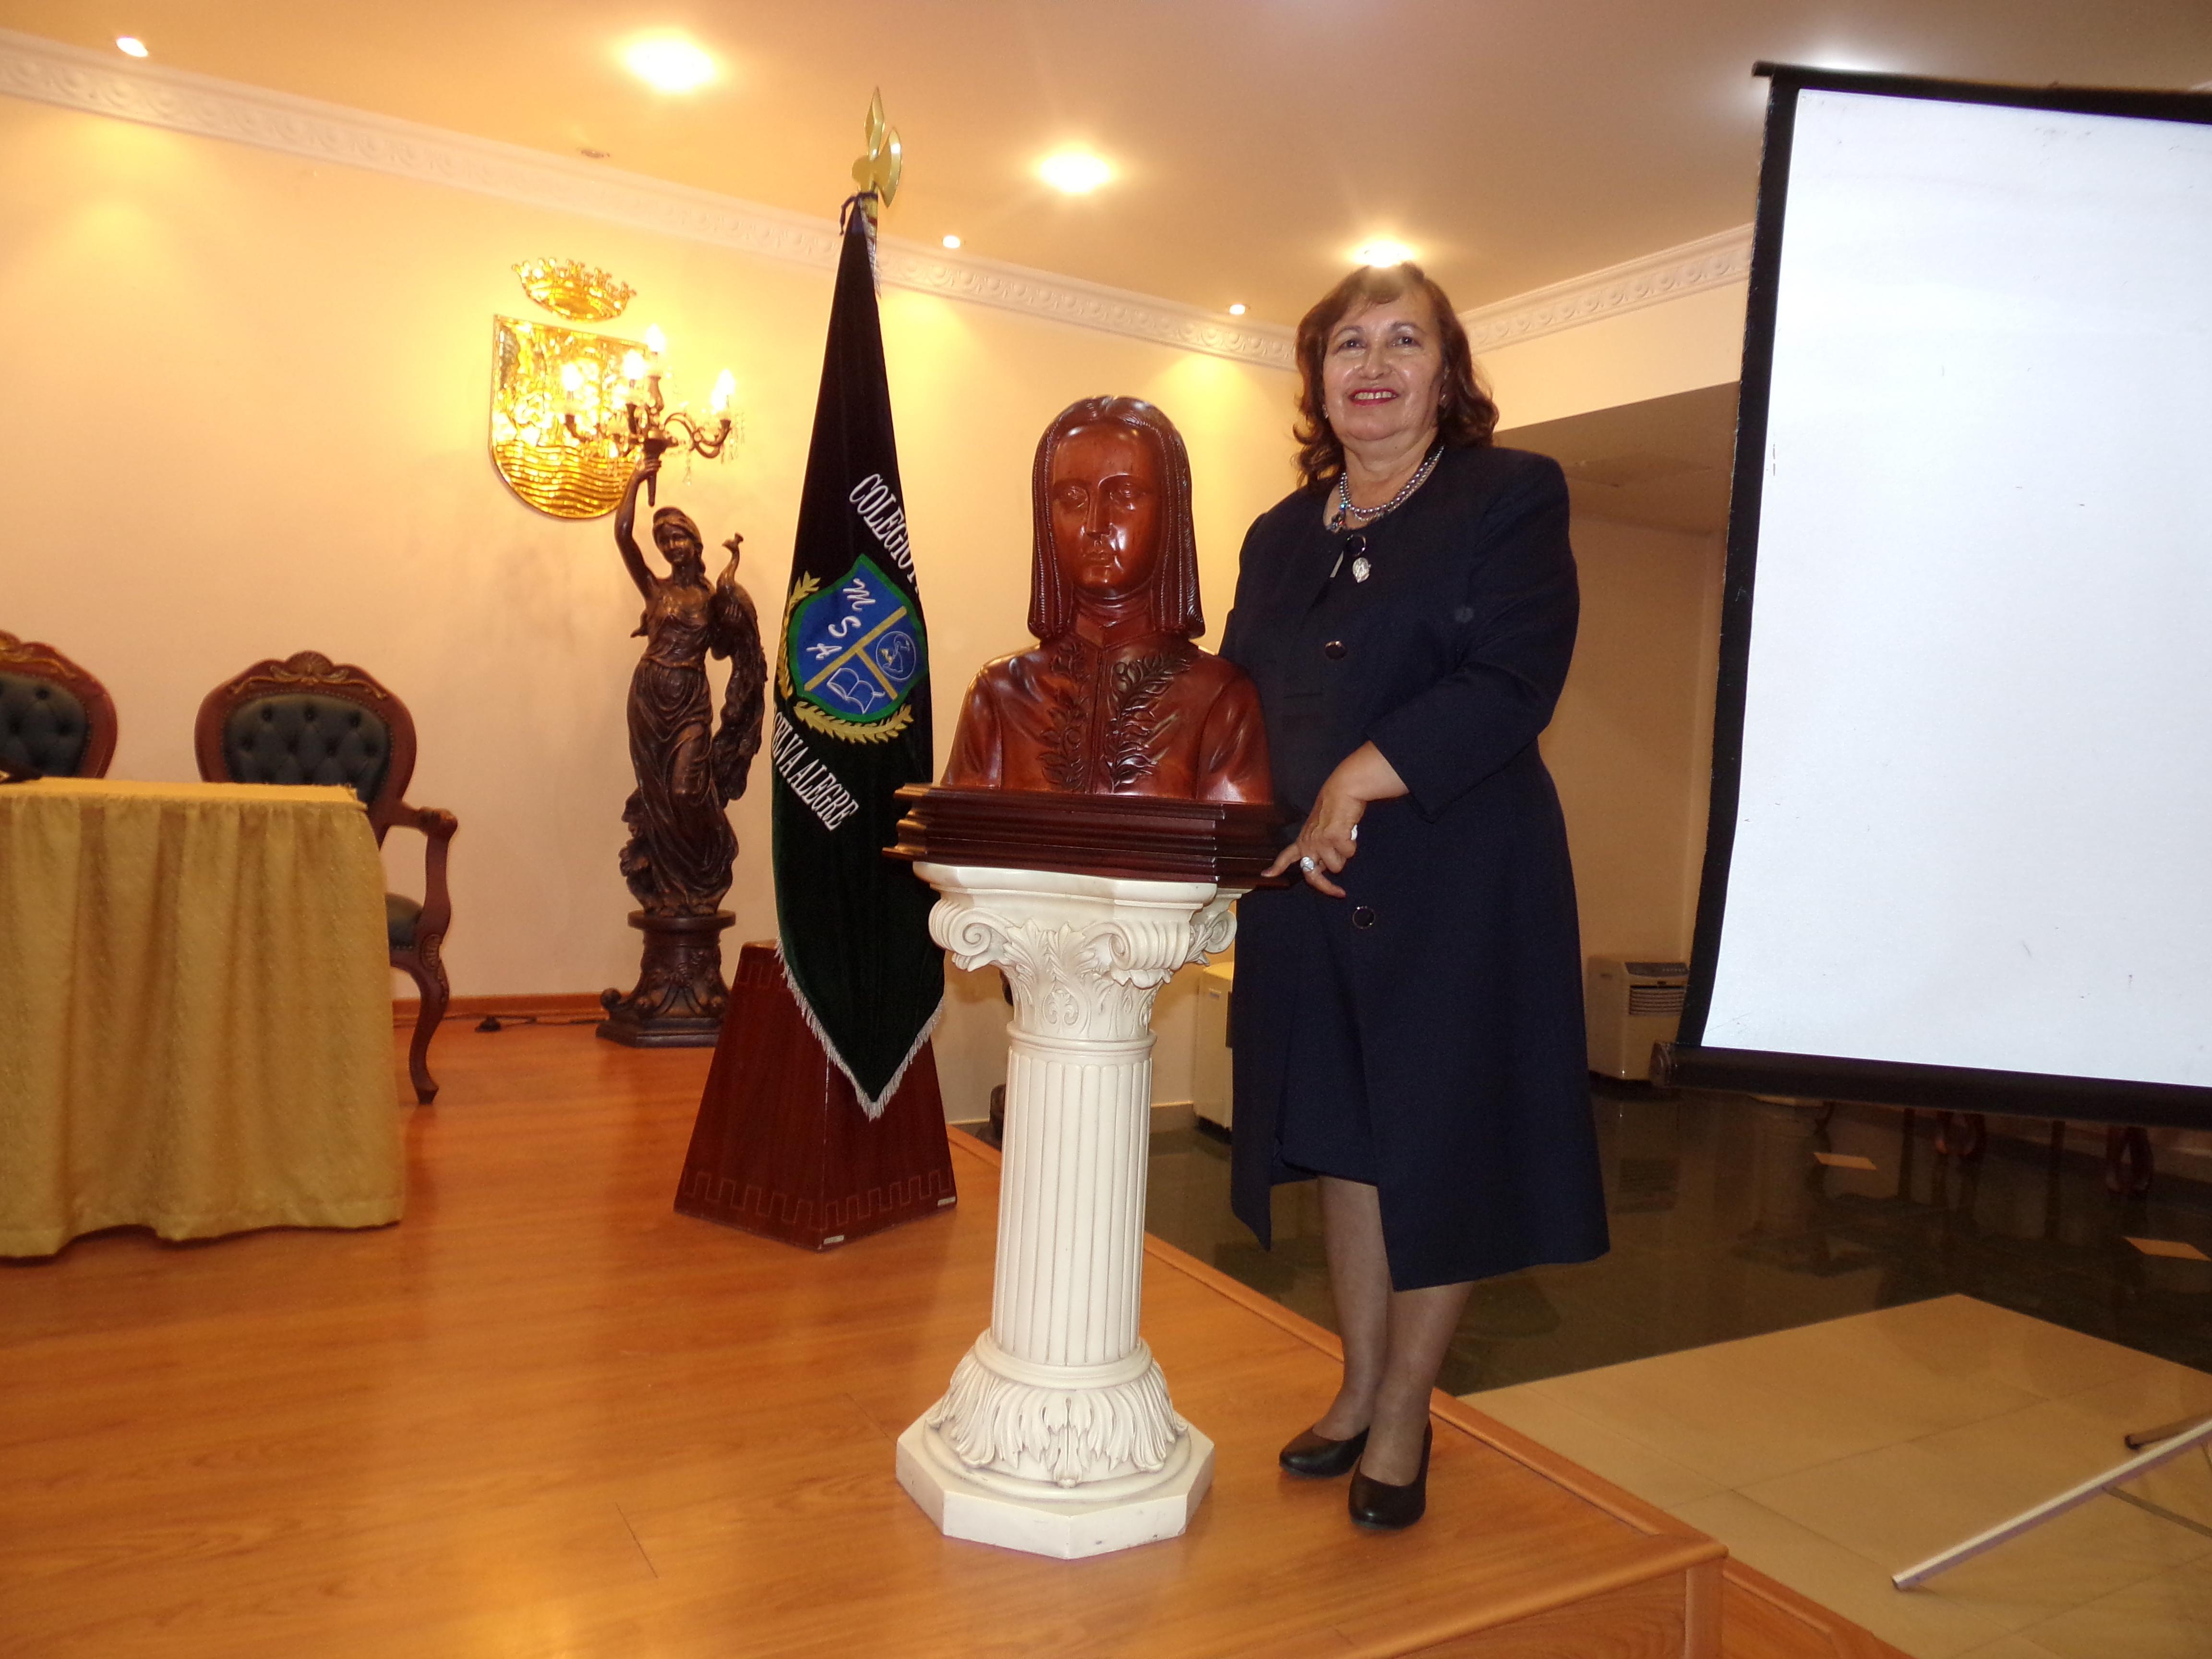 Nuestra querida Directora General haciendo la entrega del busto de nuestro Patrón institucional Juan Pío Montúfar.